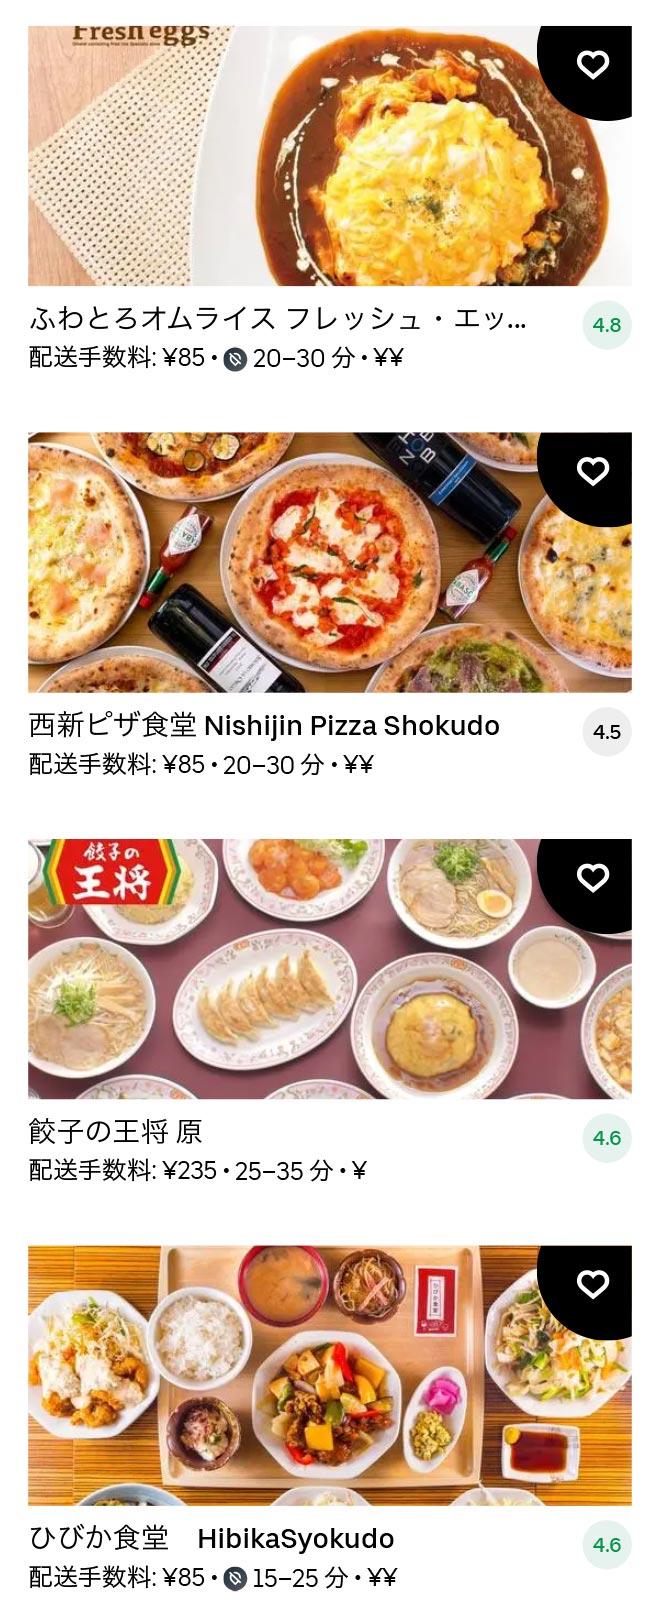 Nishijin menu 2101 10